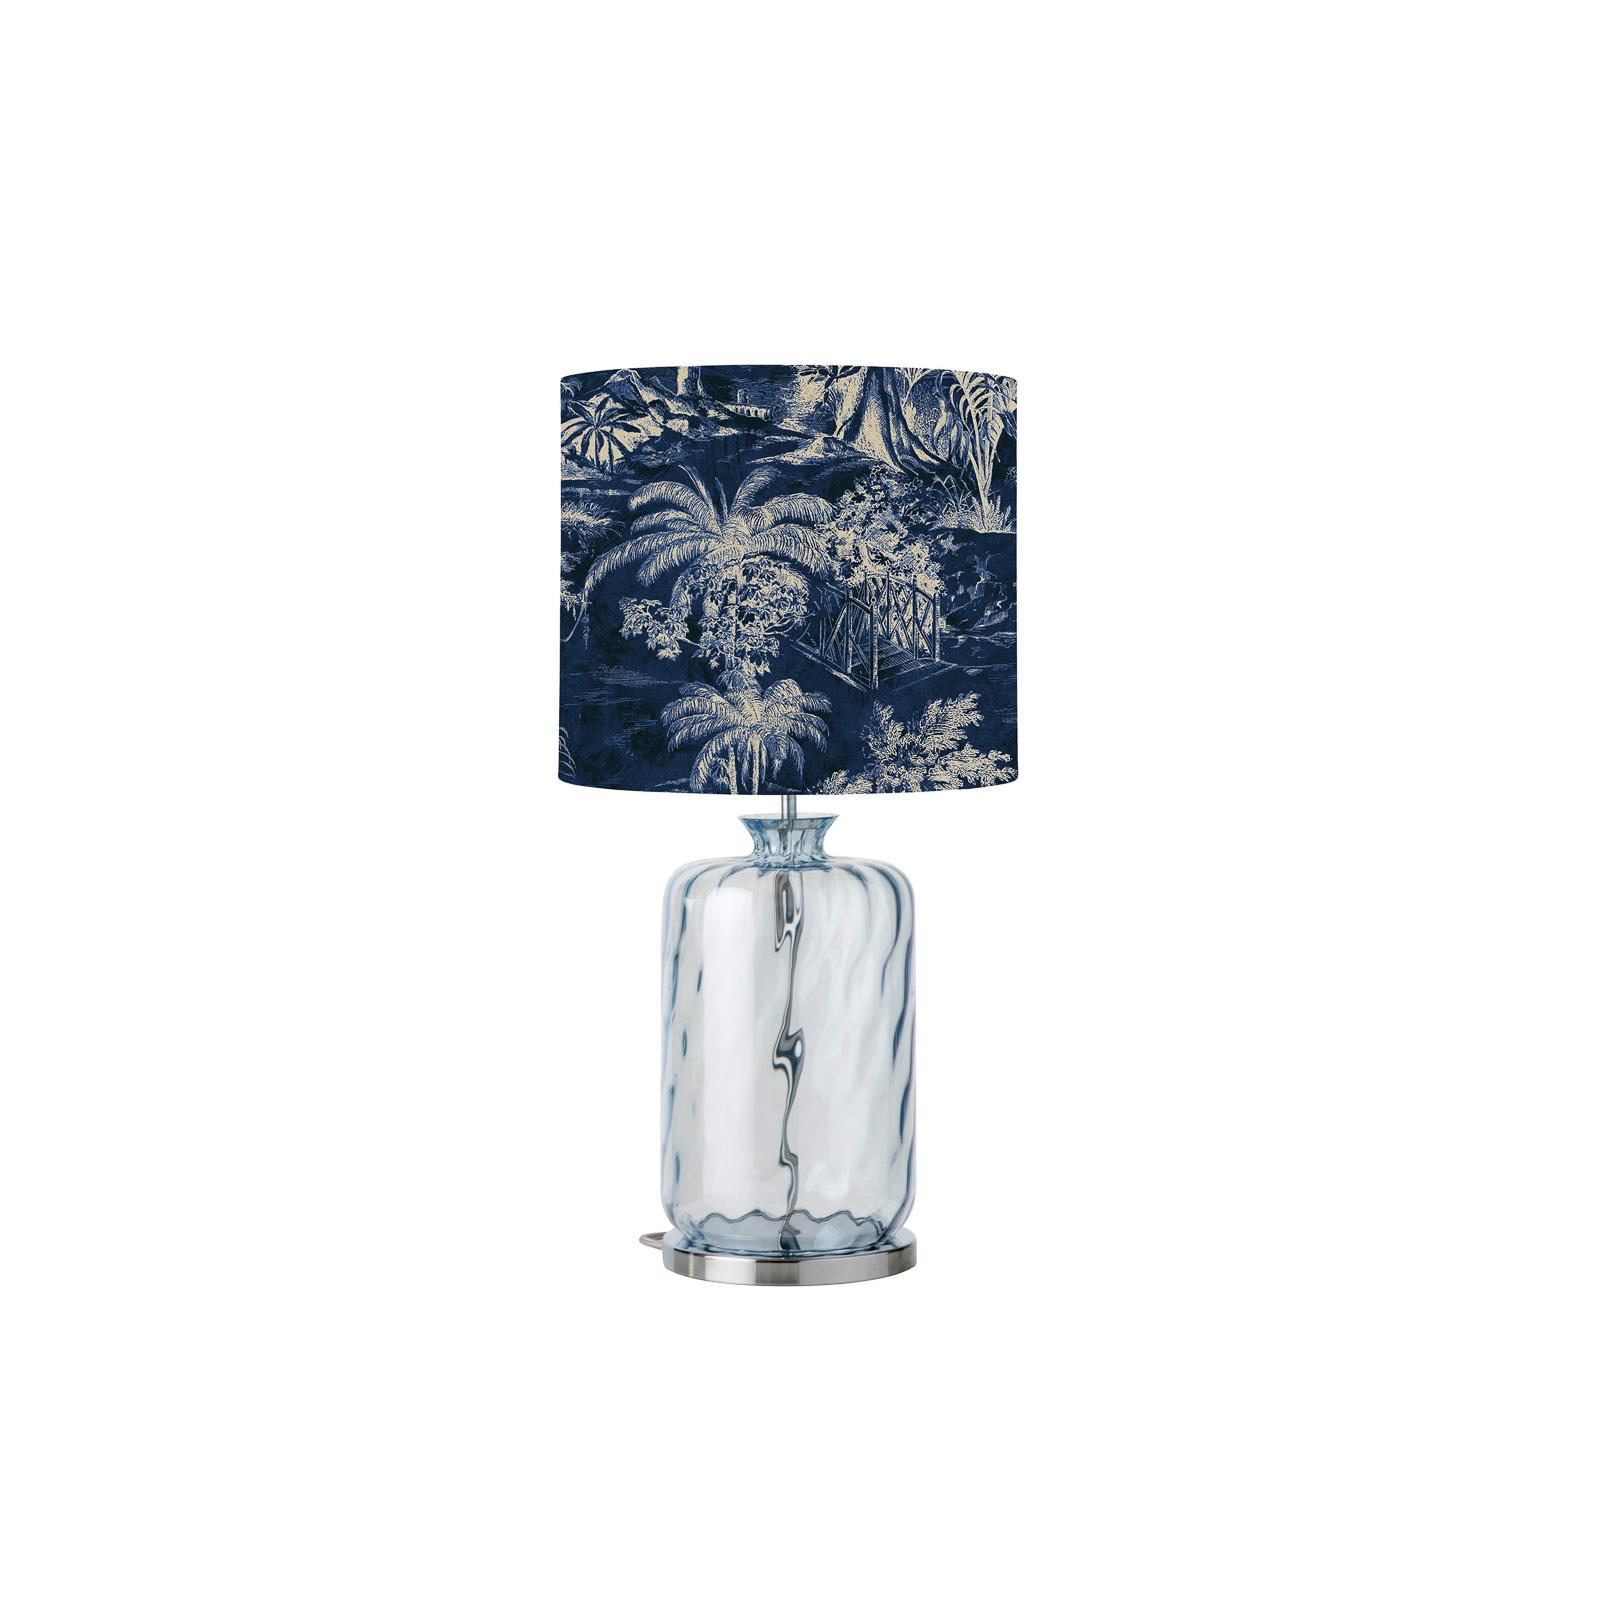 EBB & FLOW Pillar Tischlampe, Palms indigo/blue